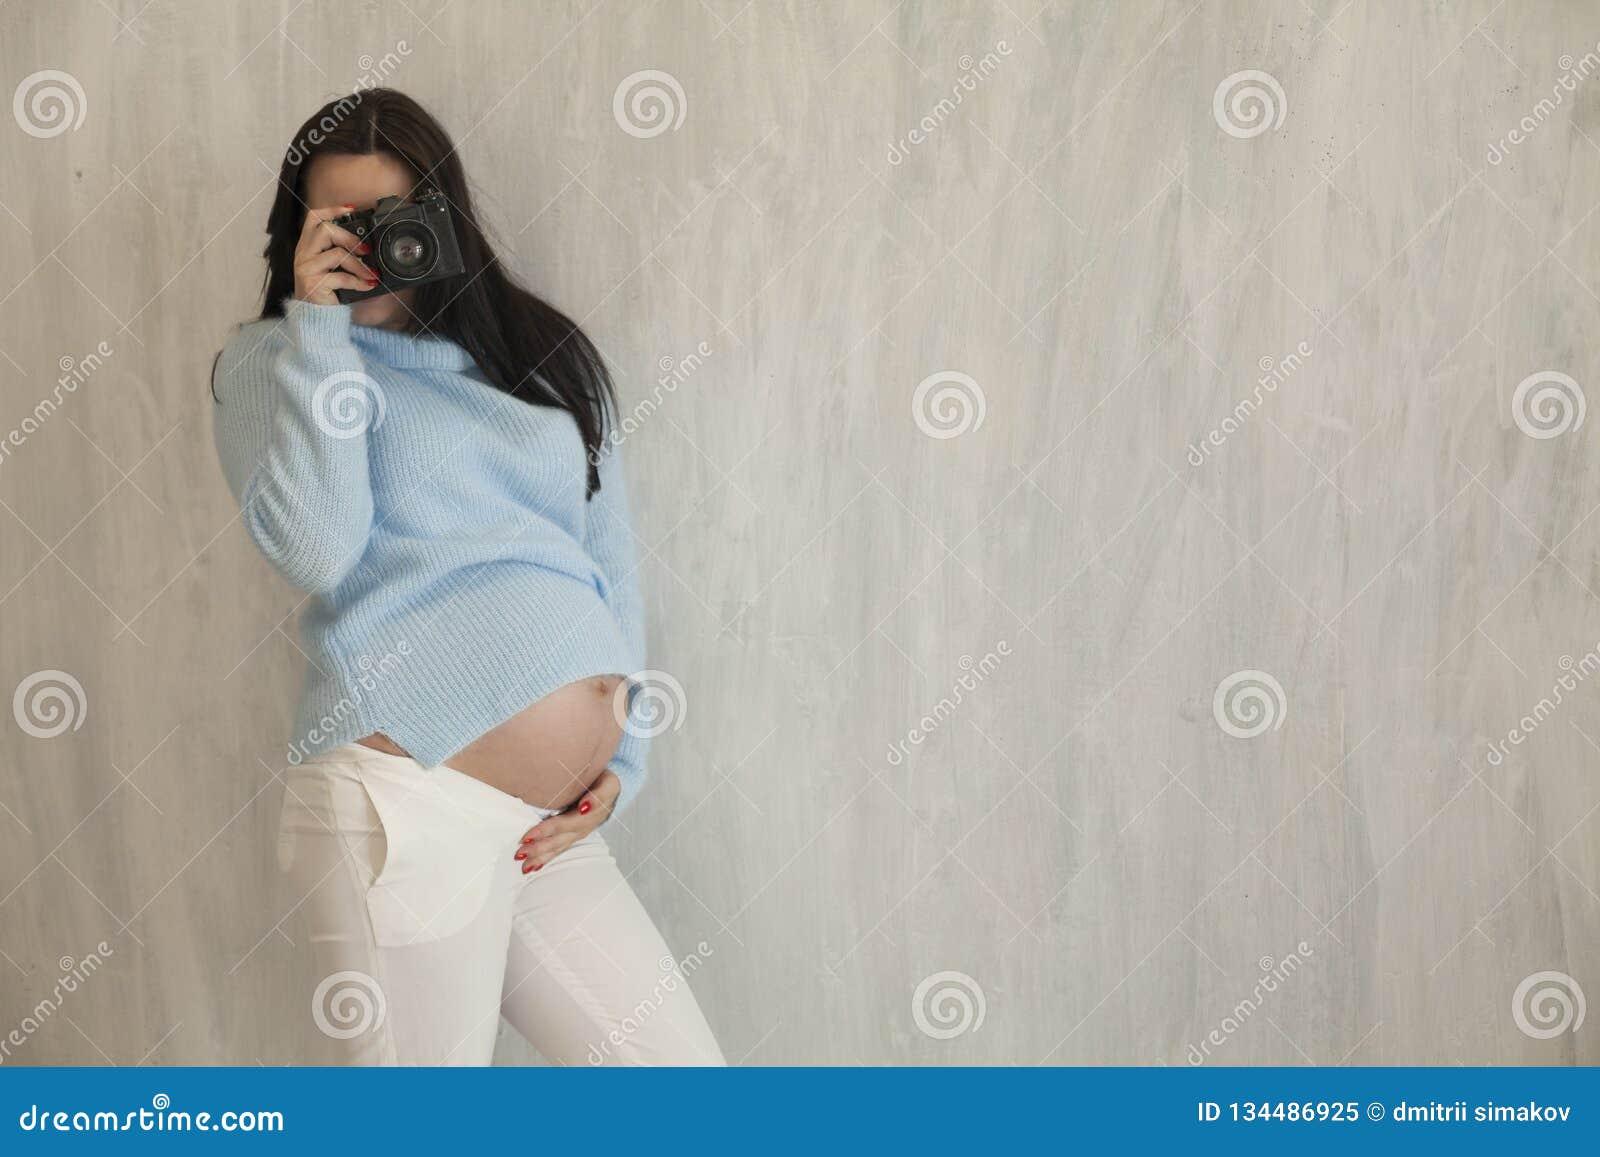 Piękna kobieta w ciąży bierze obrazek na kamerze